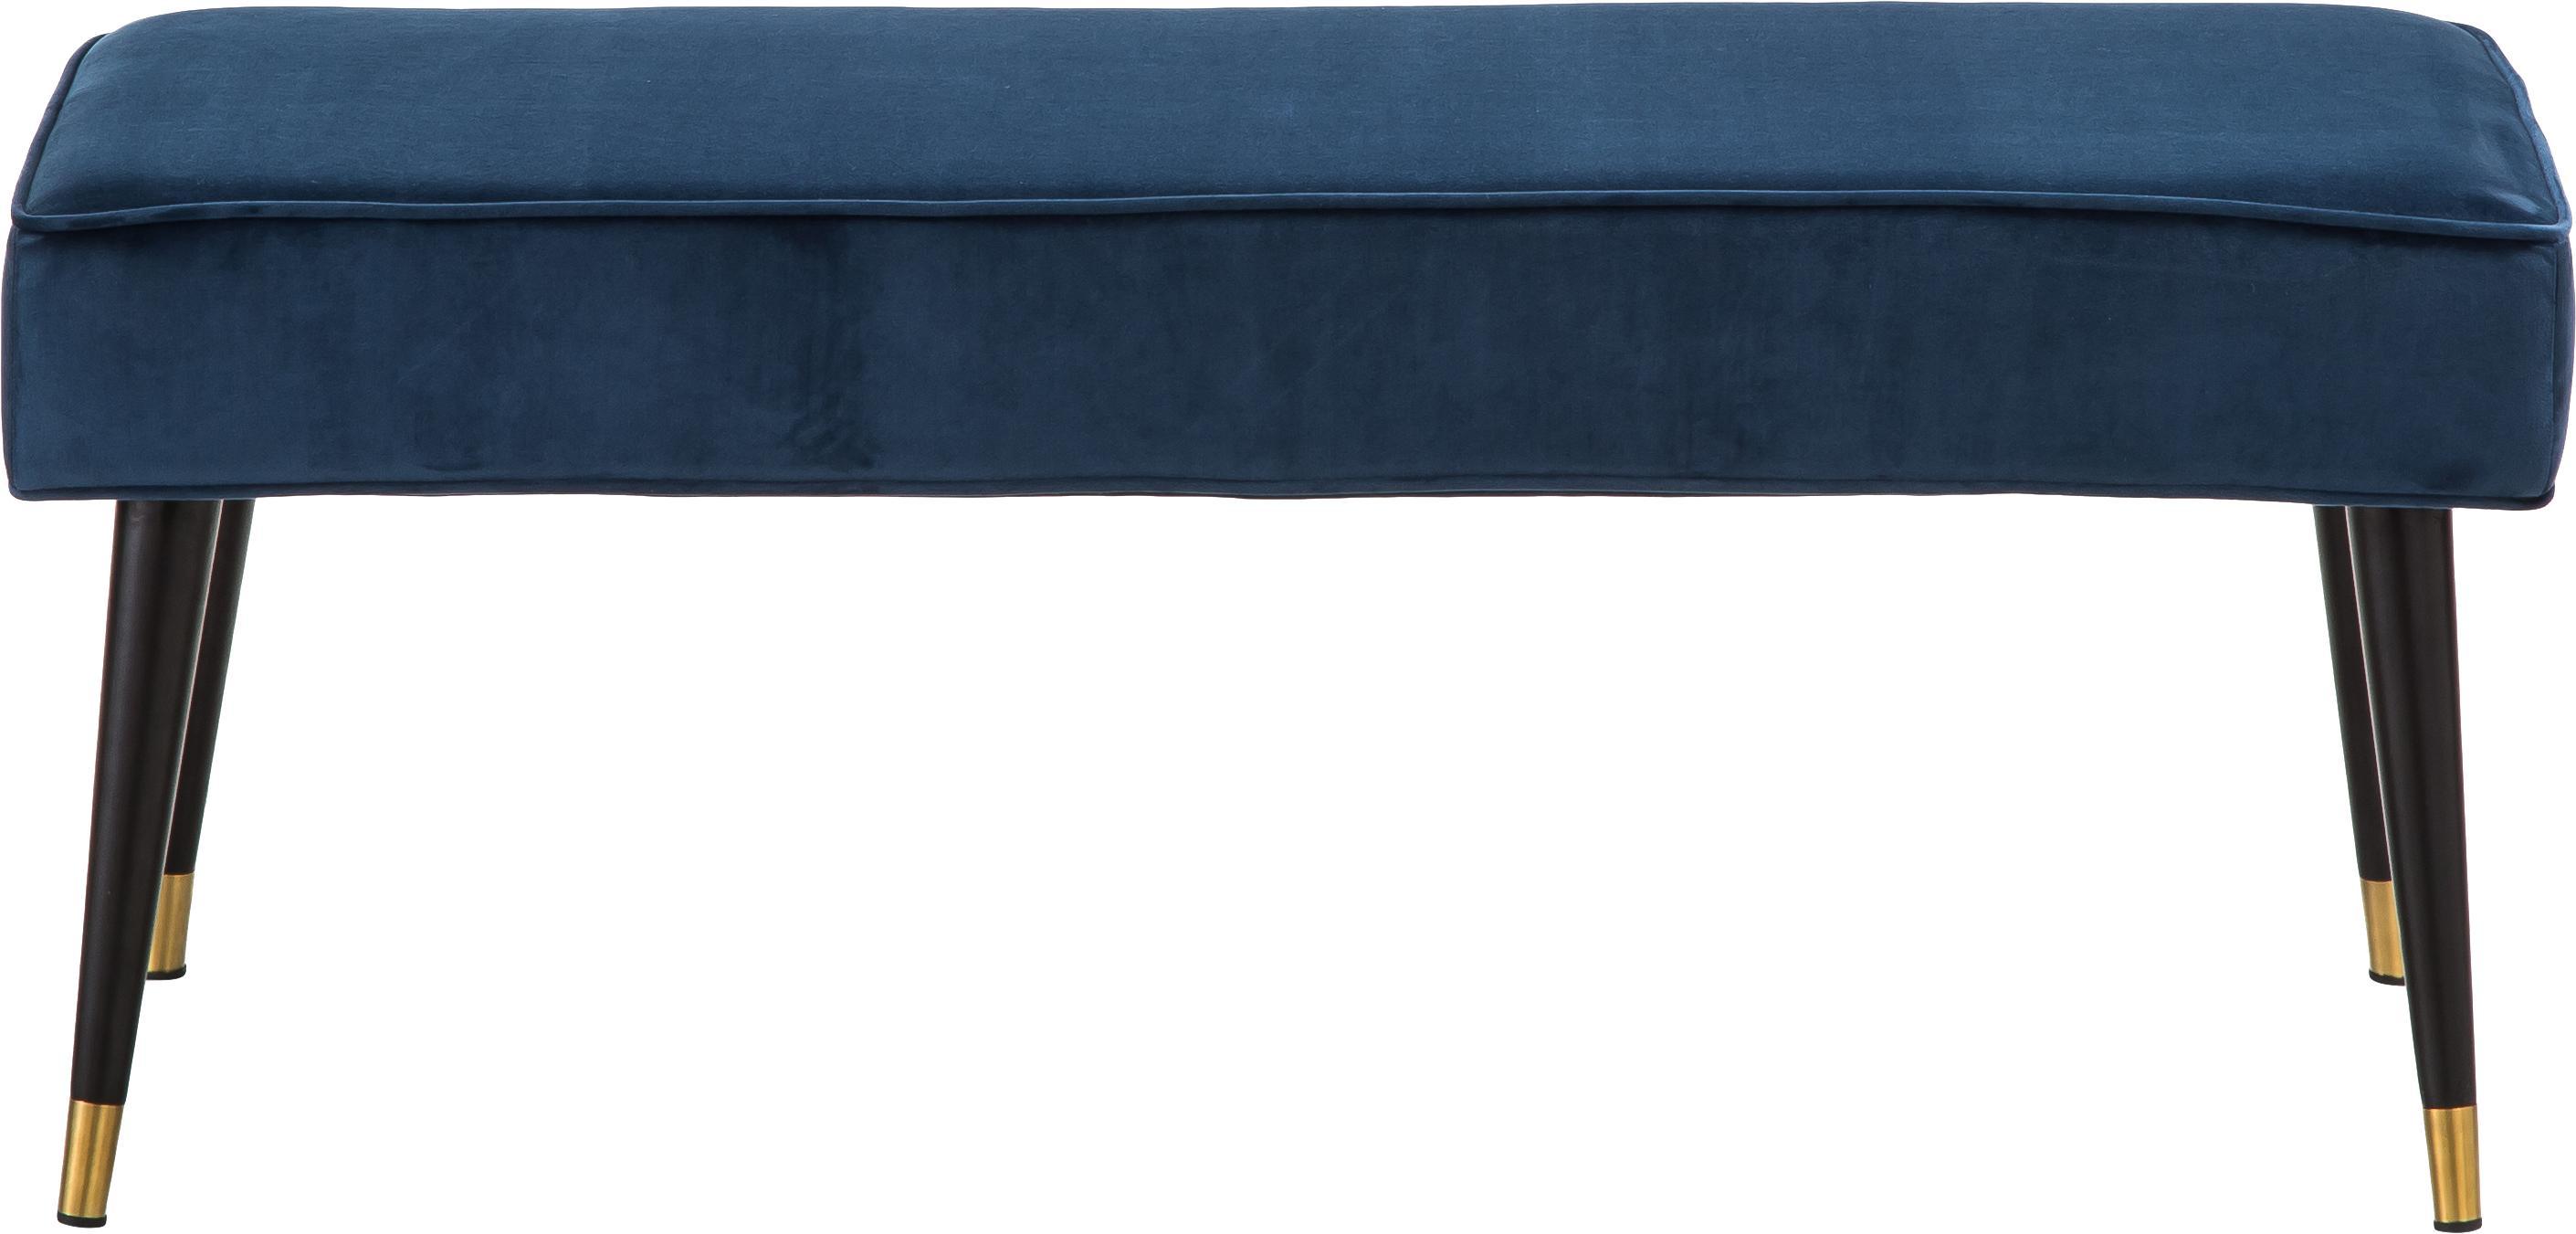 Panca in velluto Beverly, Rivestimento: velluto (poliestere) 50.0, Struttura: legno di eucalipto, Gambe: metallo verniciato a polv, Blu scuro, Larg. 110 x Alt. 46 cm